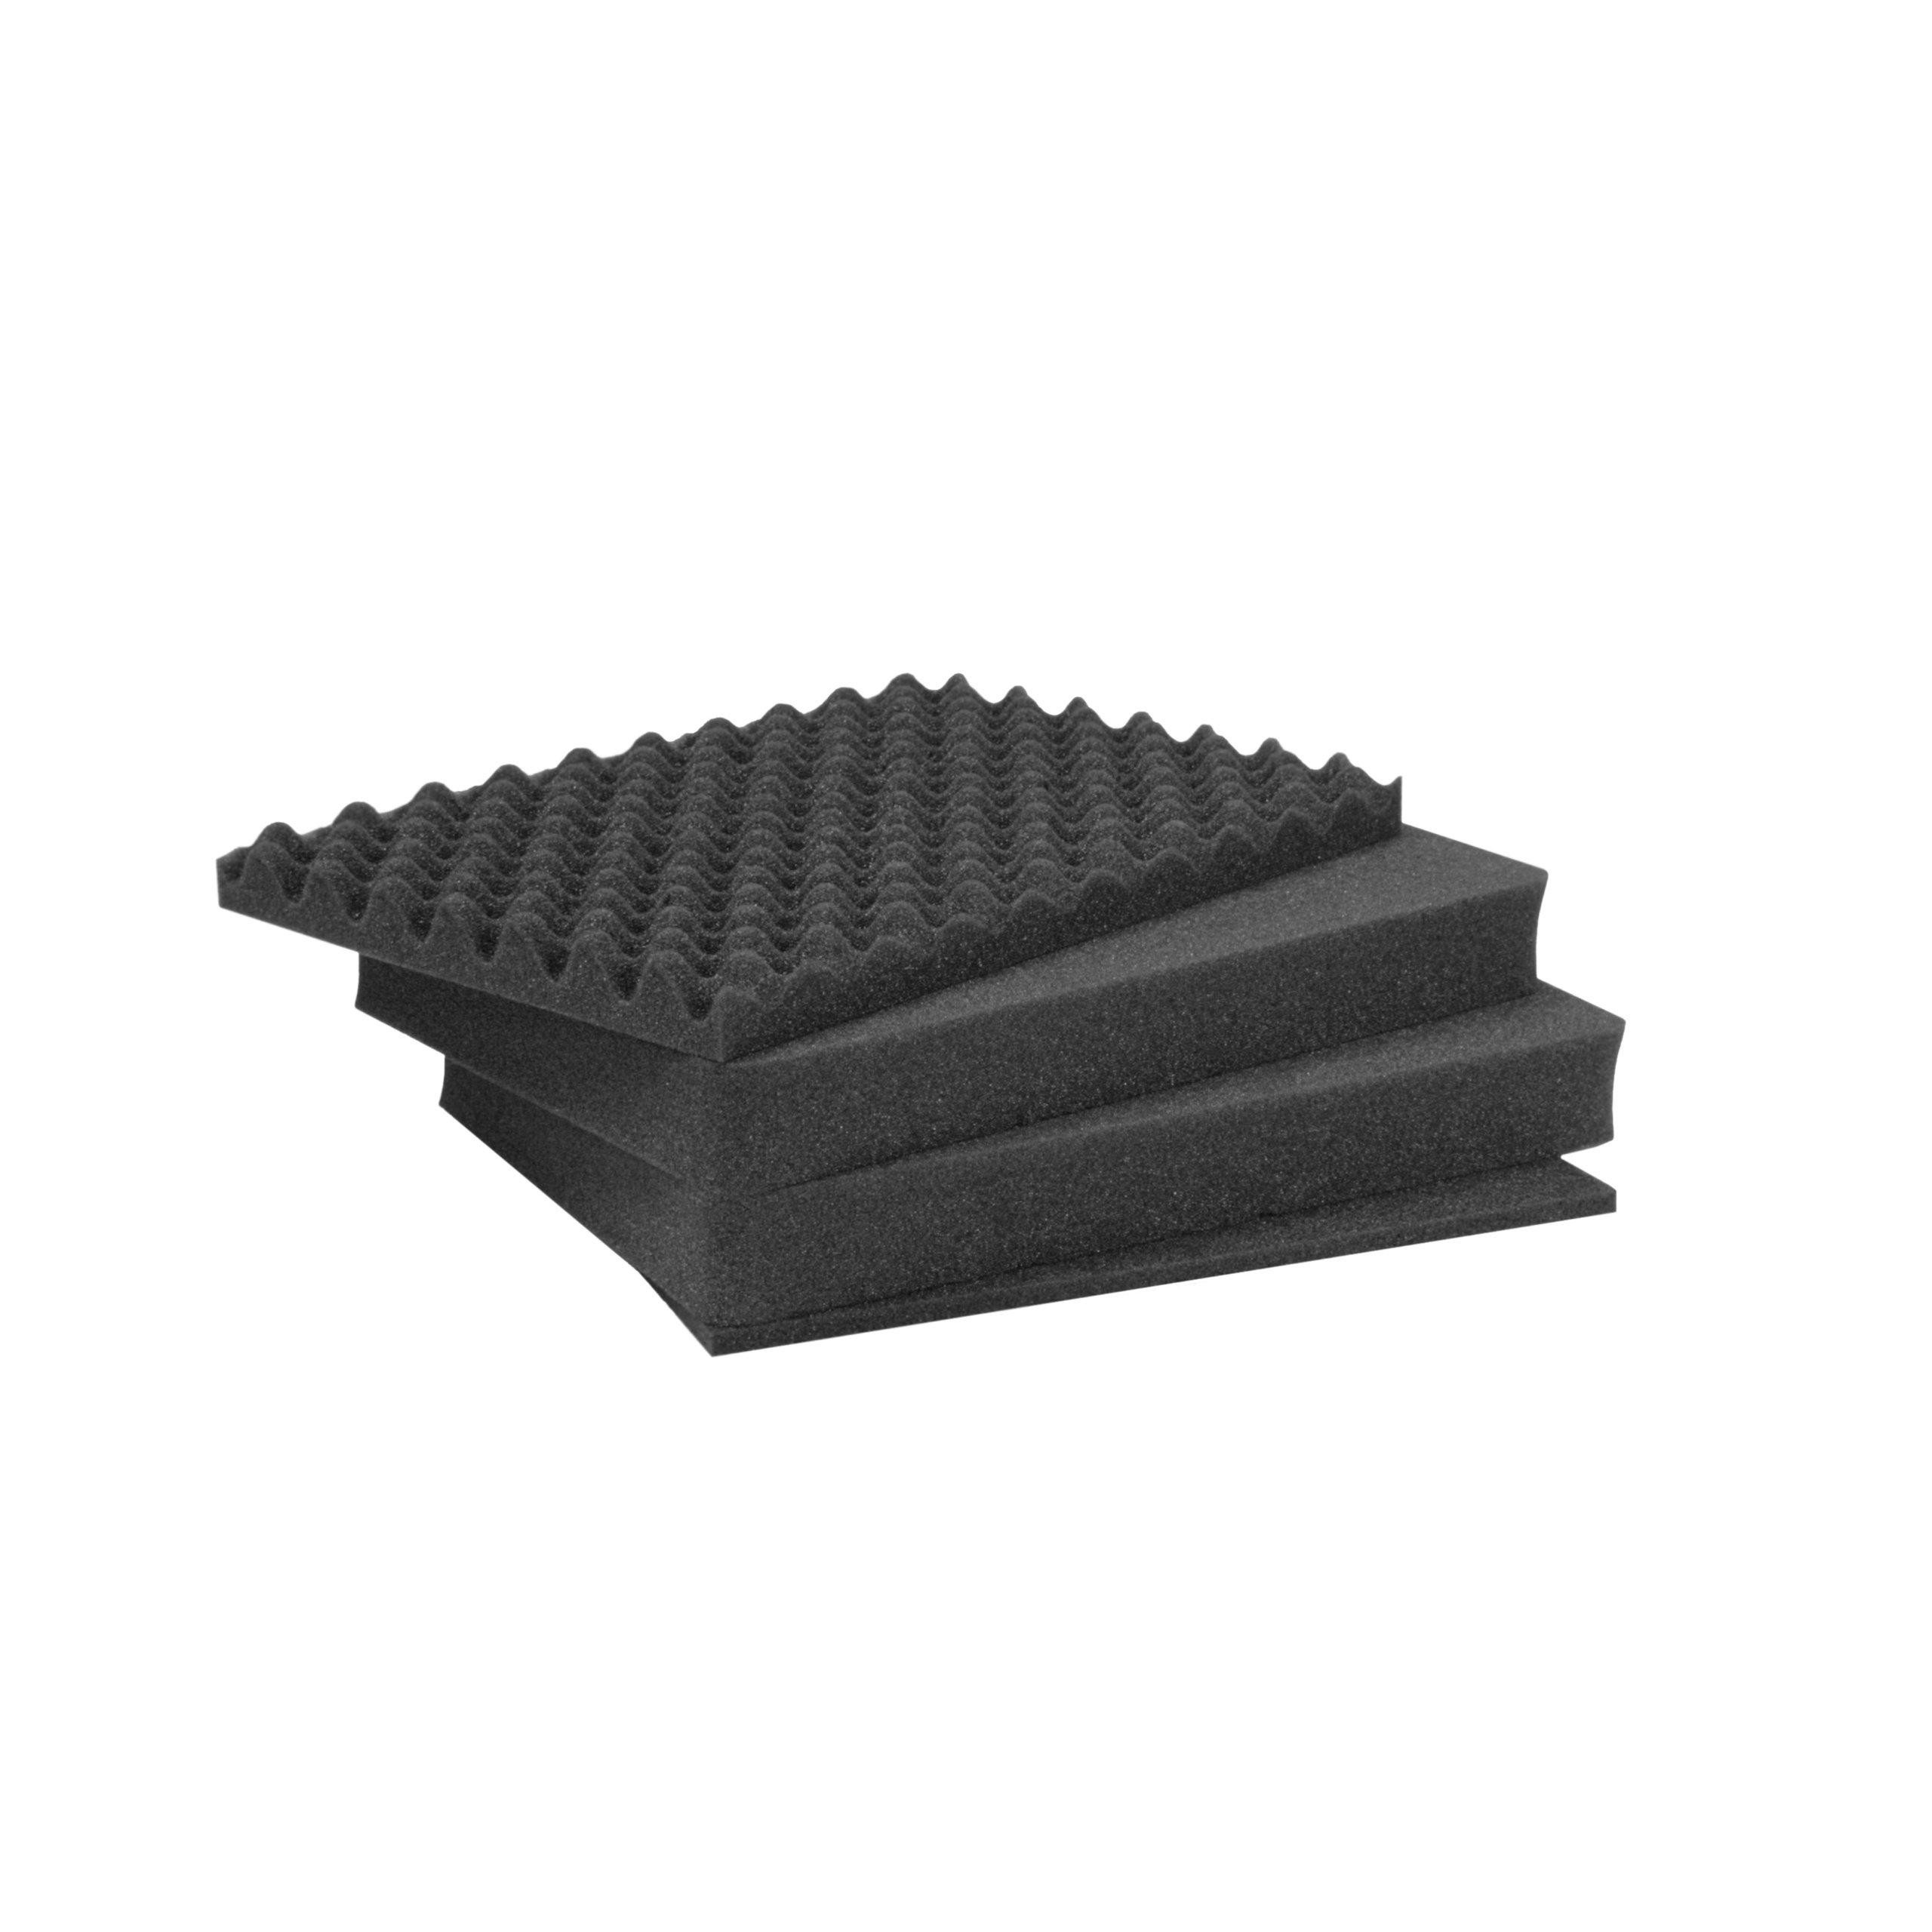 Foam Inserts (3 Part) for 940 Nanuk Case - Made in Canada by Nanuk